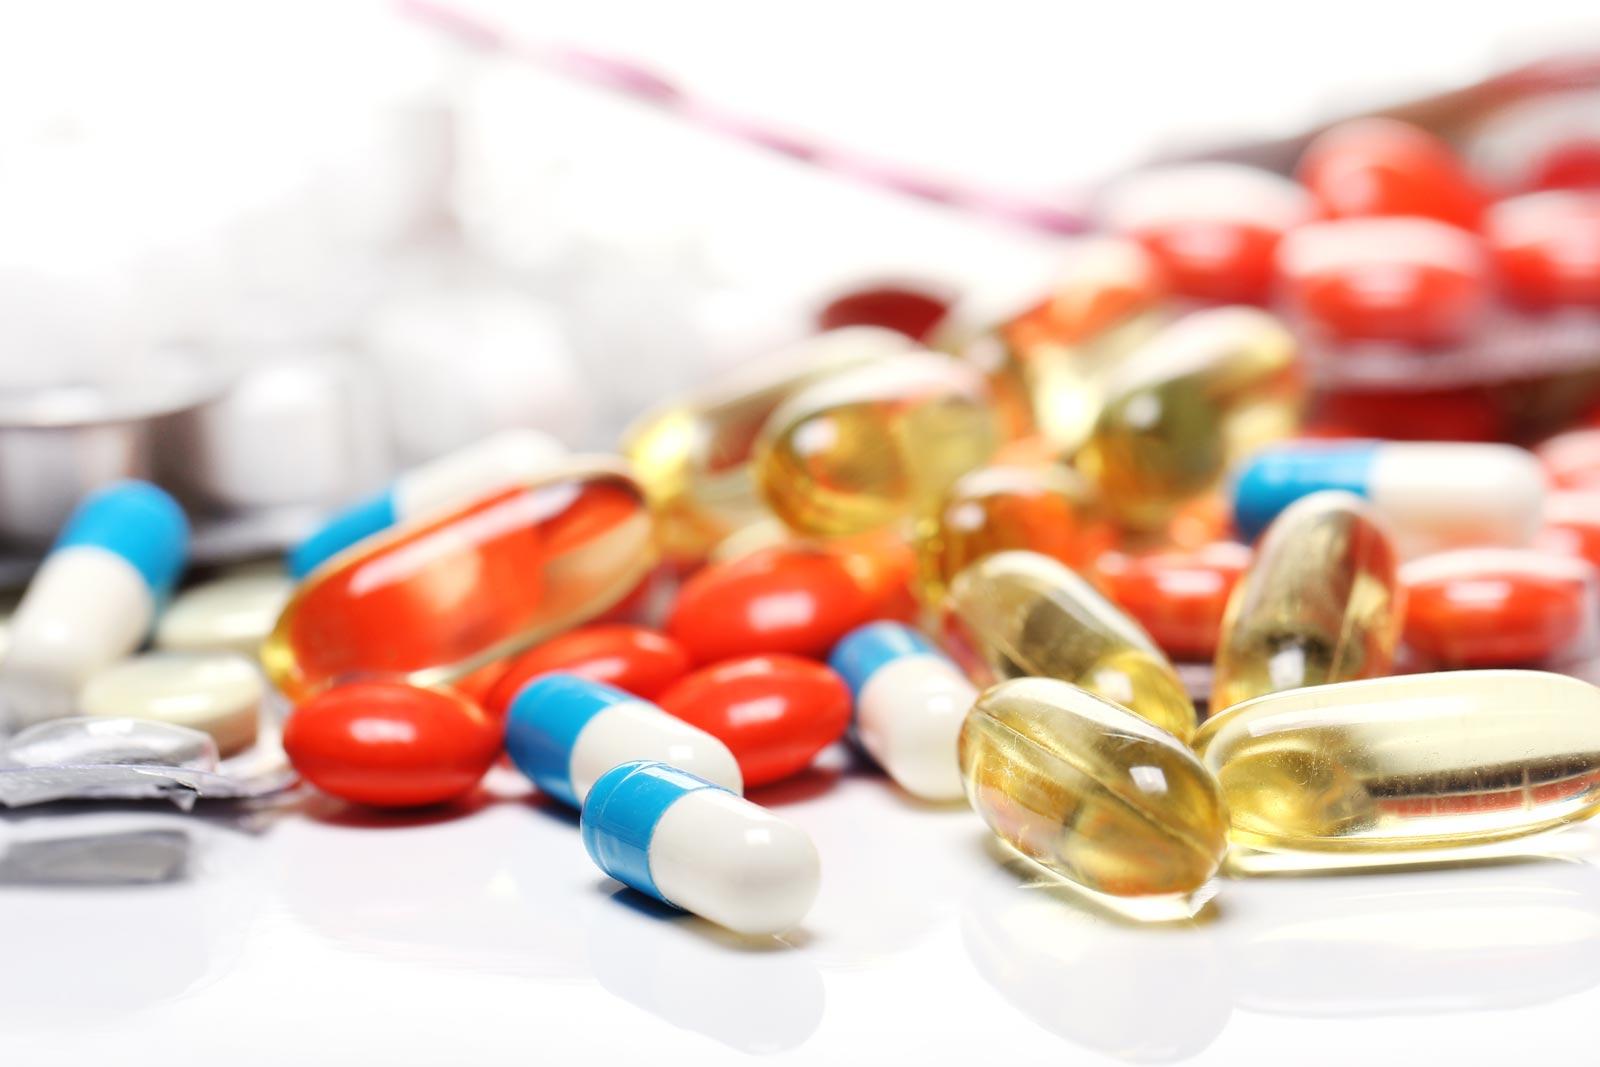 Слабительные средства и особенности их взаимодействия с заболеваниями сердца и сосудов